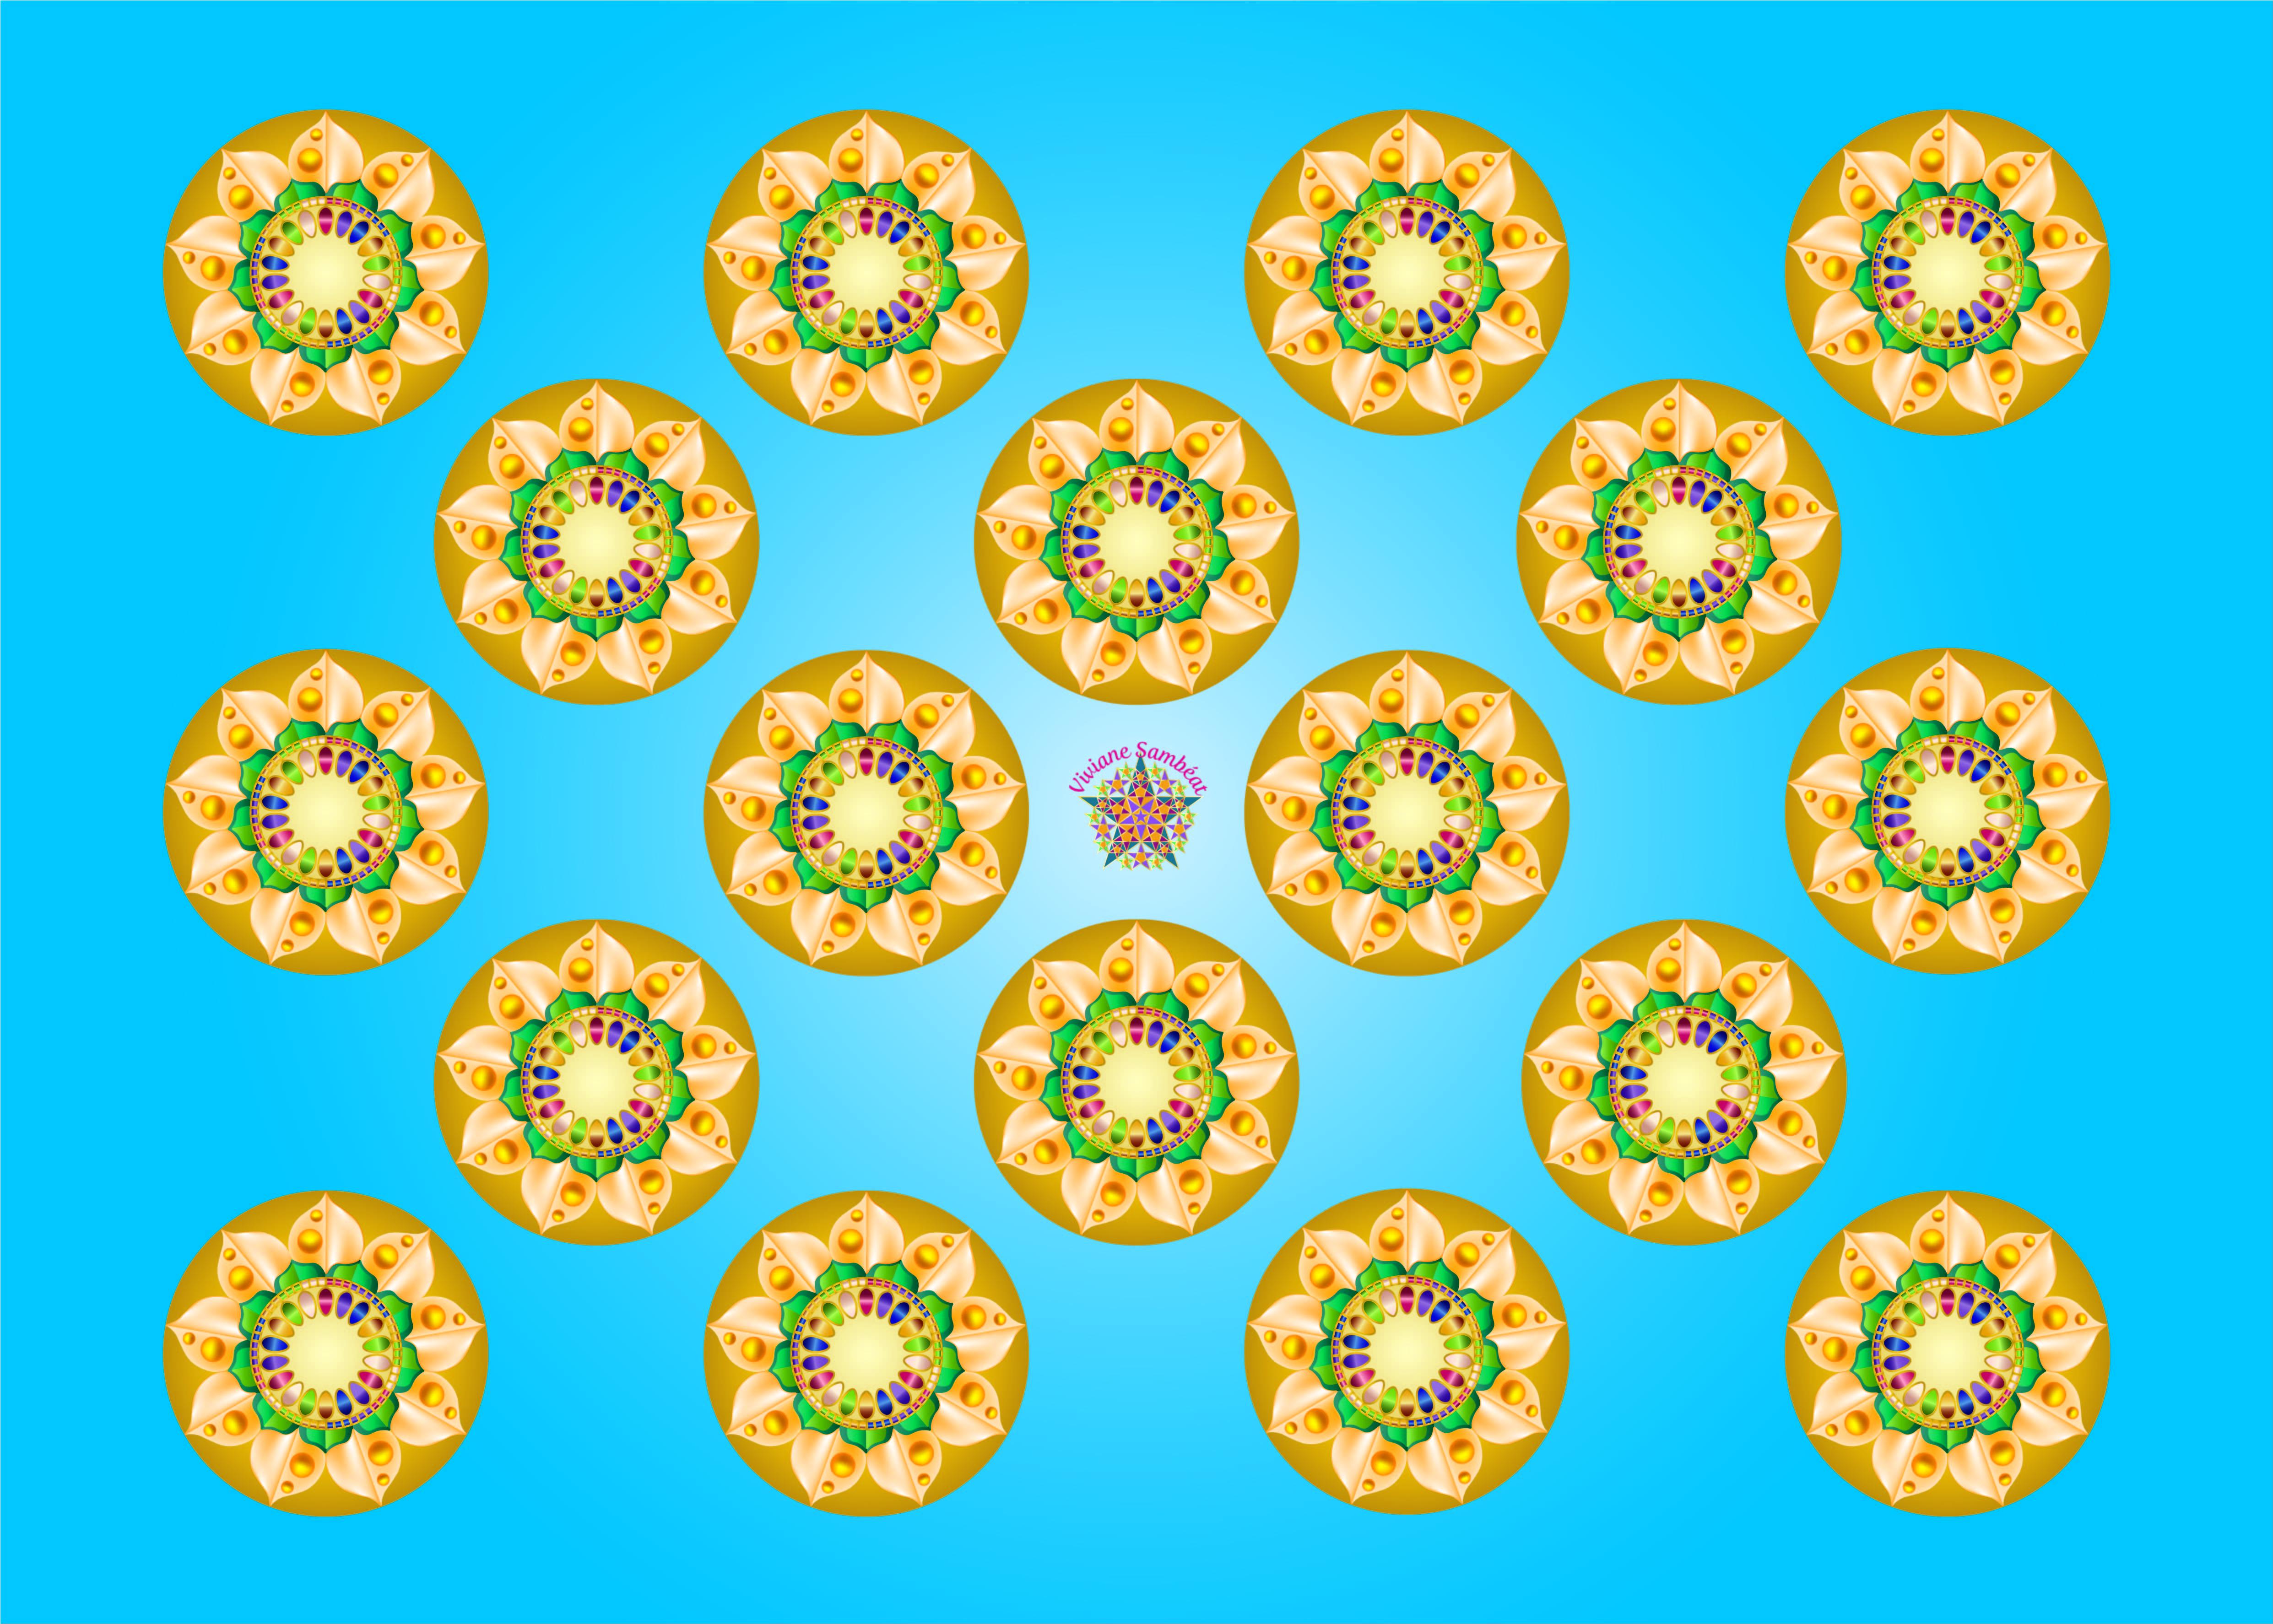 MARCHES DES ARTS Mandala 1 répété